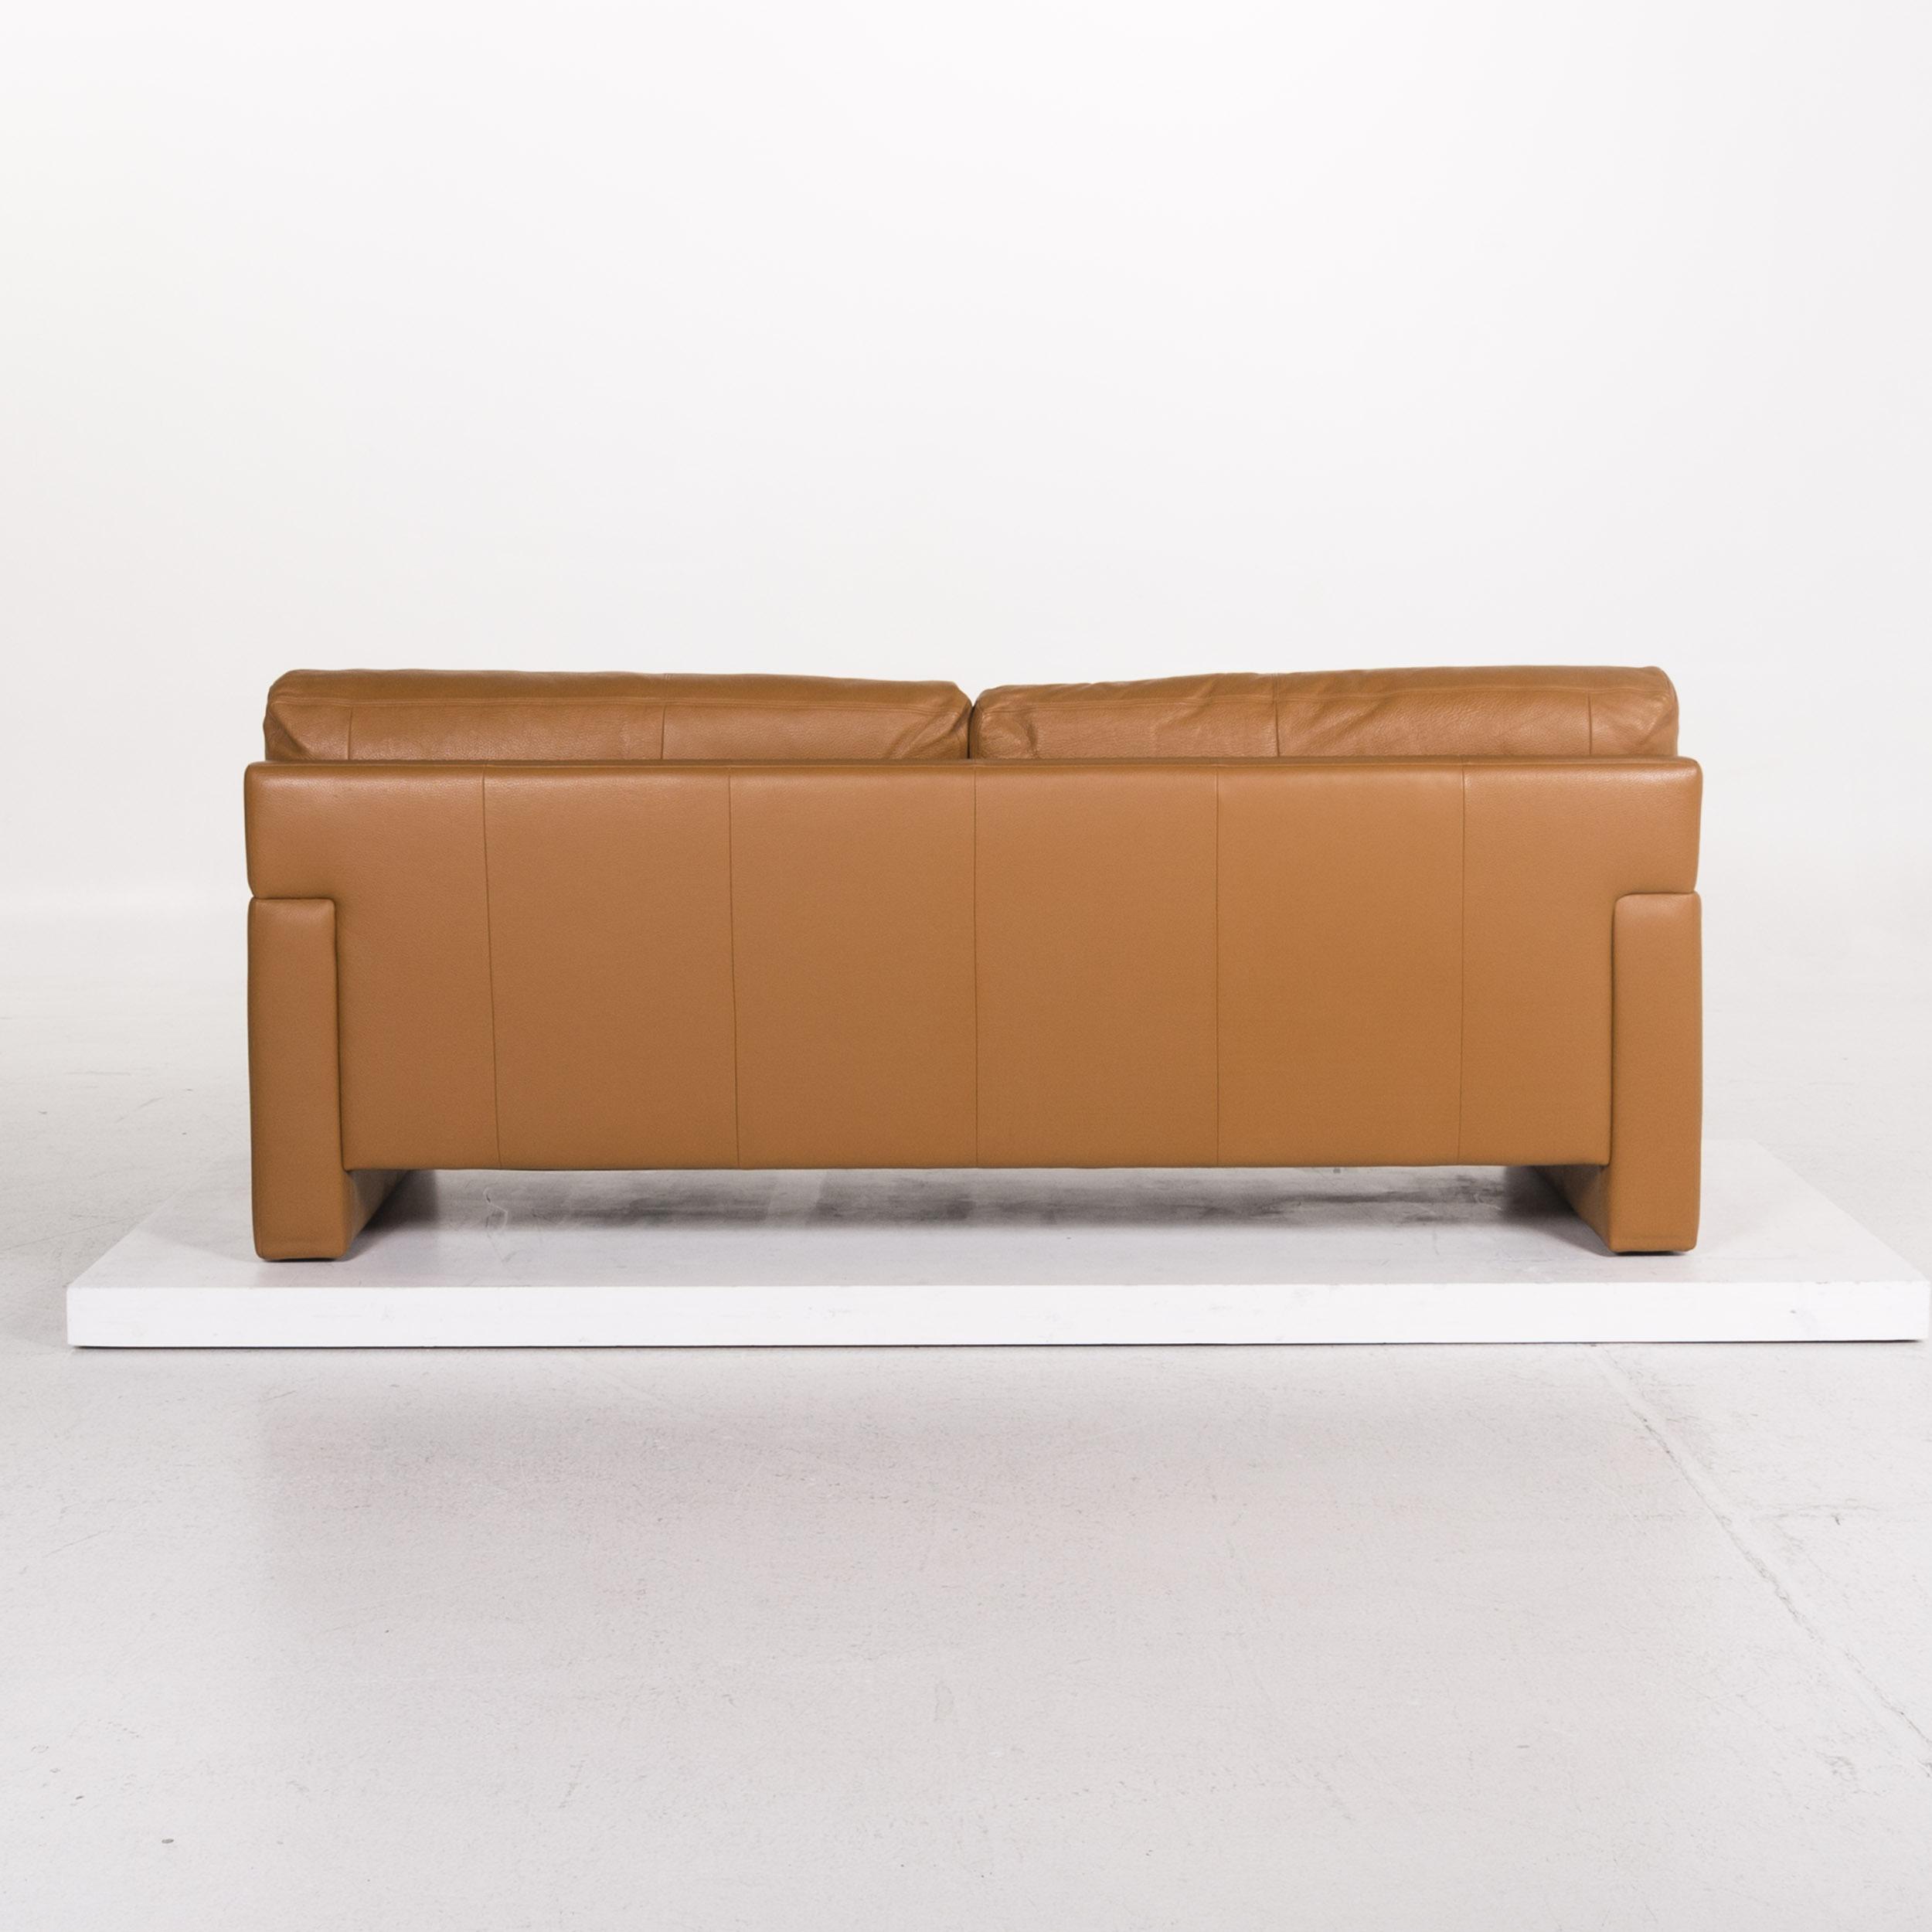 Full Size of Erpo Sofa Leder Cognac Braun Zweisitzer Couch 12217 Ebay Rattan Garten Jugendzimmer Led 2 Sitzer Barock Mit Relaxfunktion 3 Breit Rundes Landhausstil Sofa Erpo Sofa